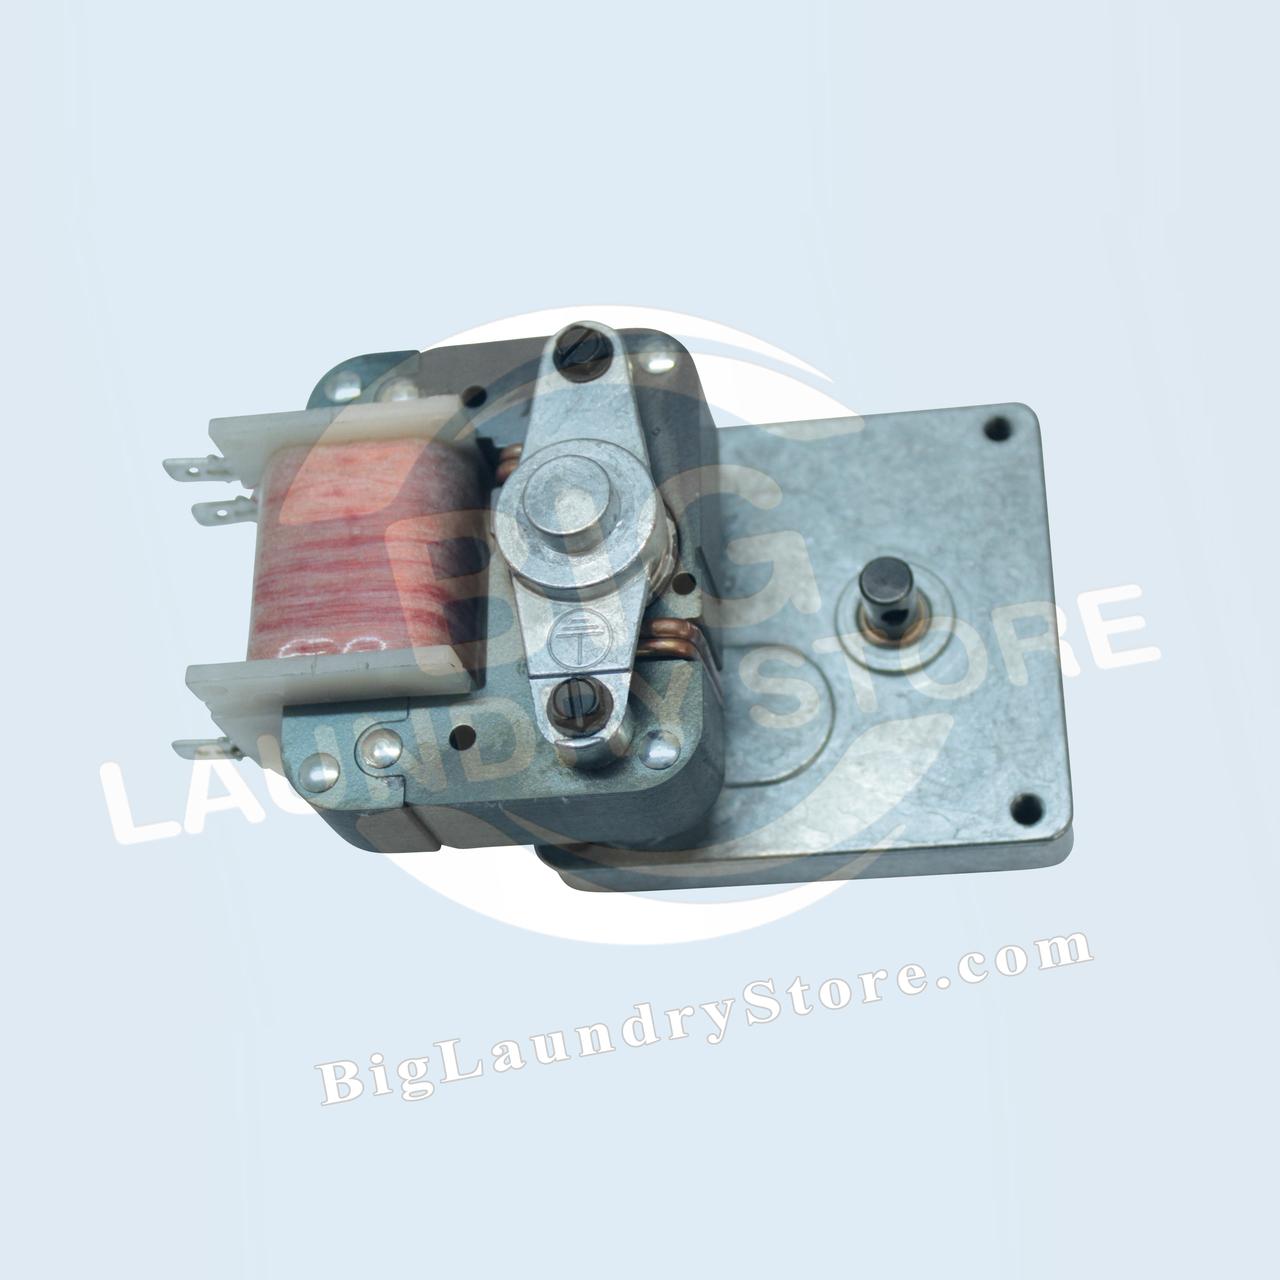 Motor & Gear - 110V - Wascomat # 970401